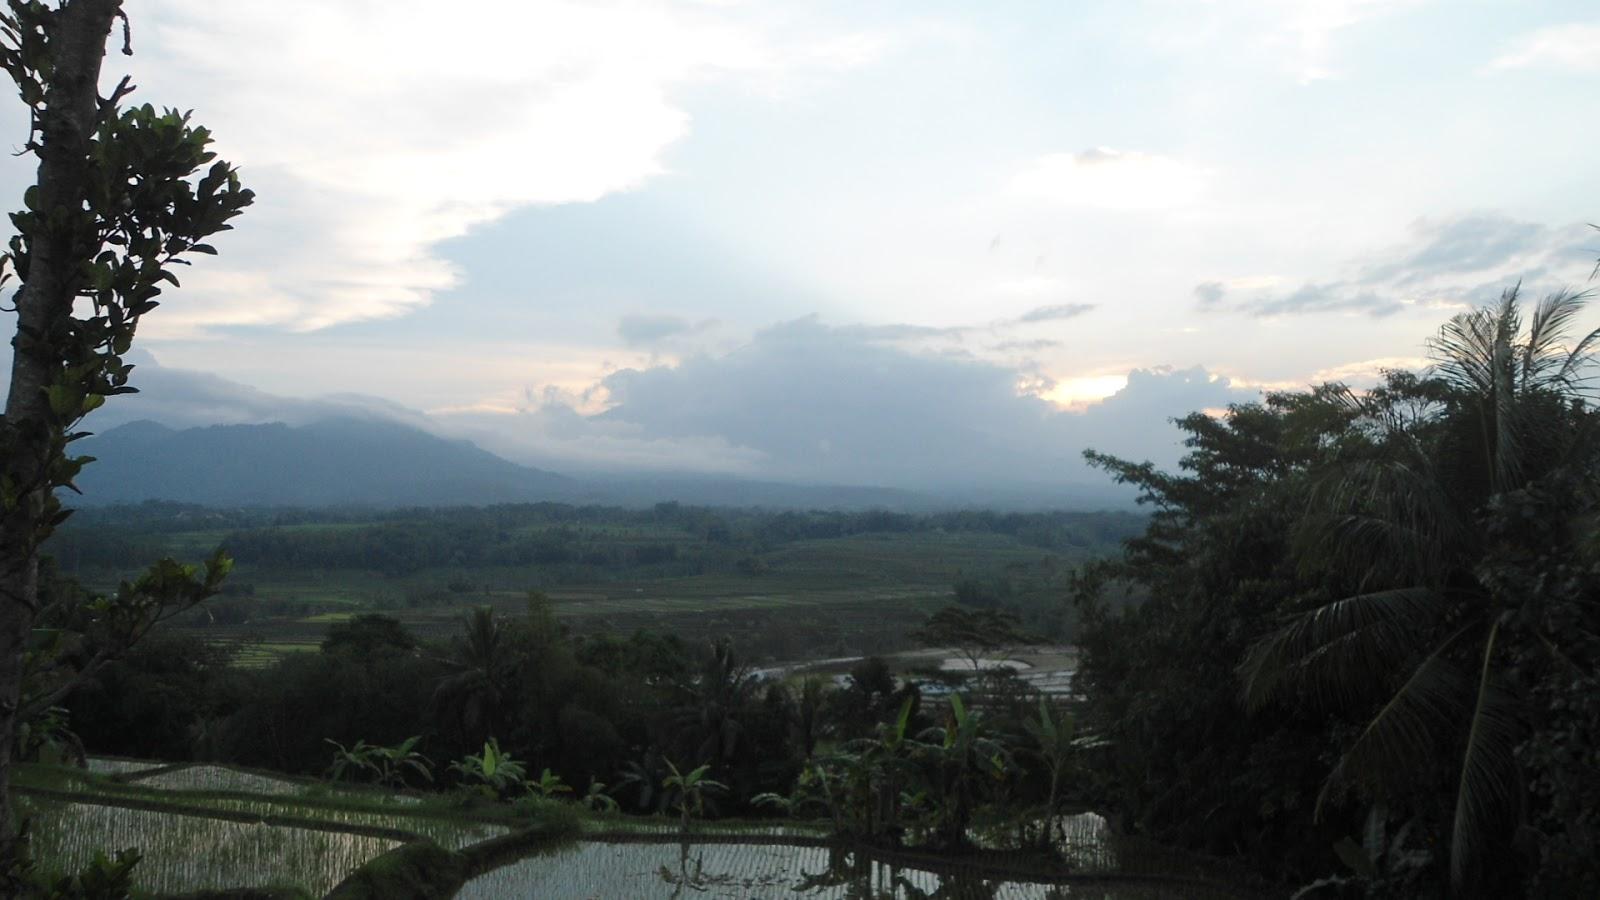 Pemandangan Alam Sawah Dan Gunung Nan Alami Di Secang At Wisata